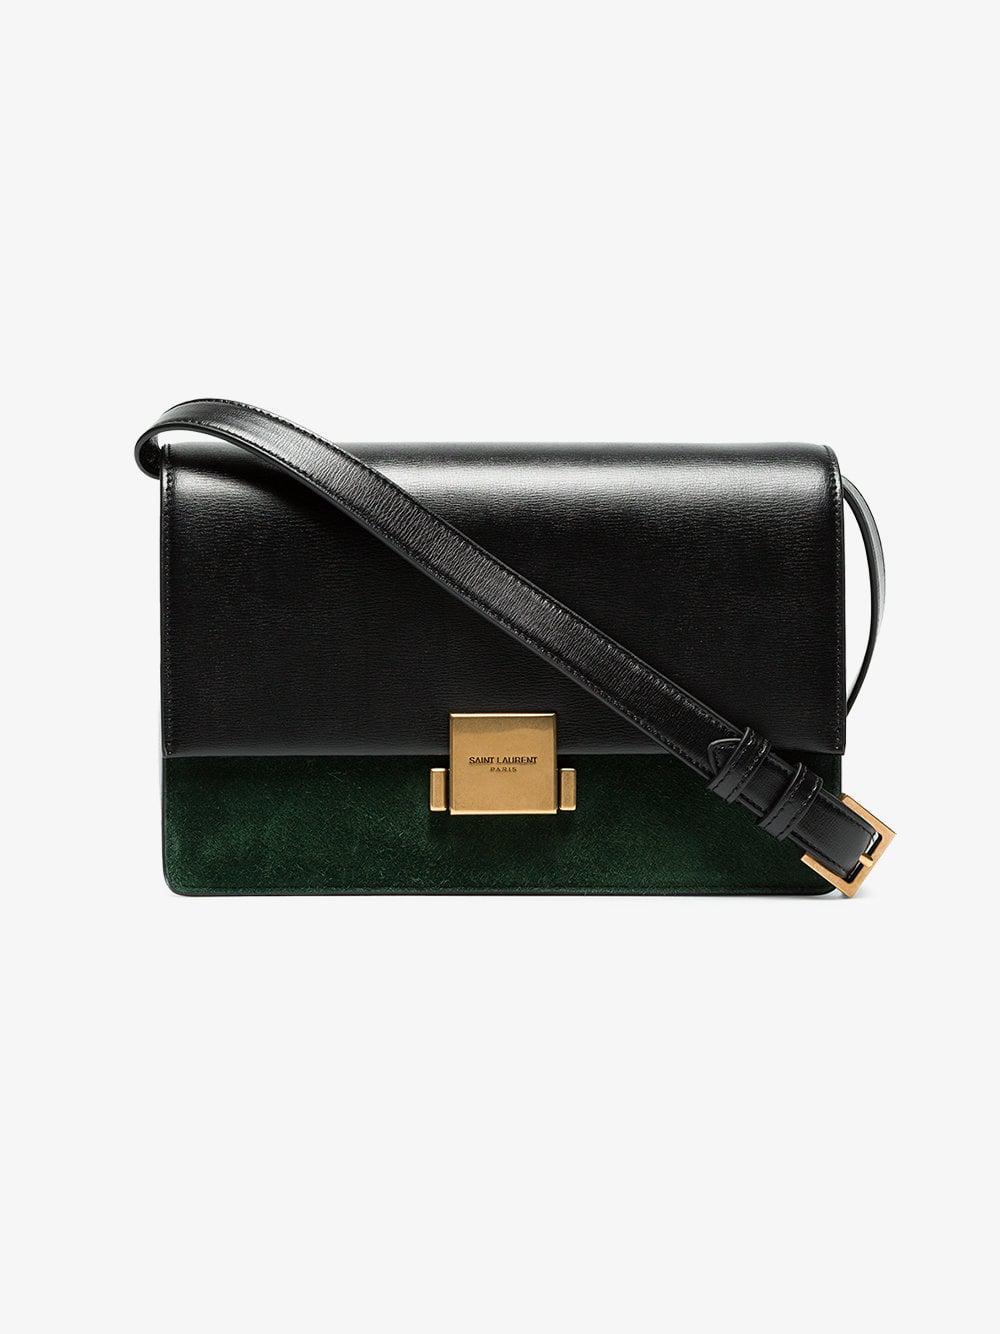 Lyst - Saint Laurent Black And Green Bellechasse Large Leather Shoulder Bag  in Black a6e746addd719